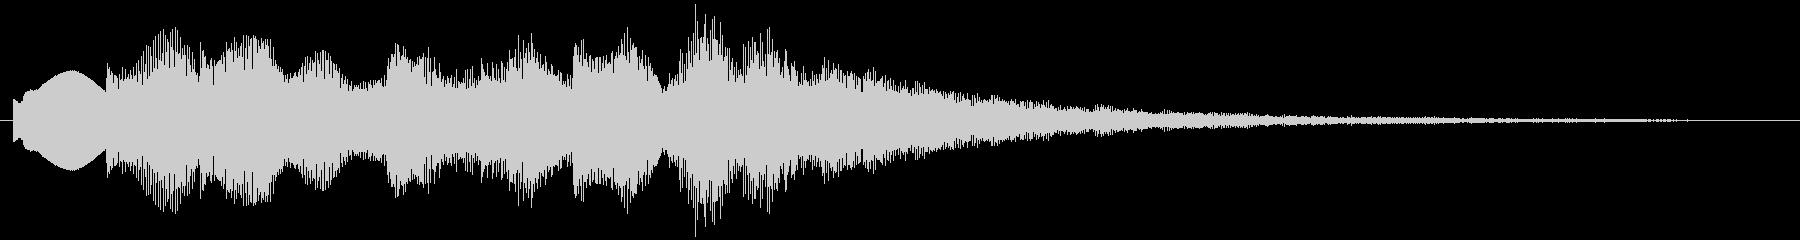 ポップで綺麗な音 優しい音 サウンドロゴの未再生の波形